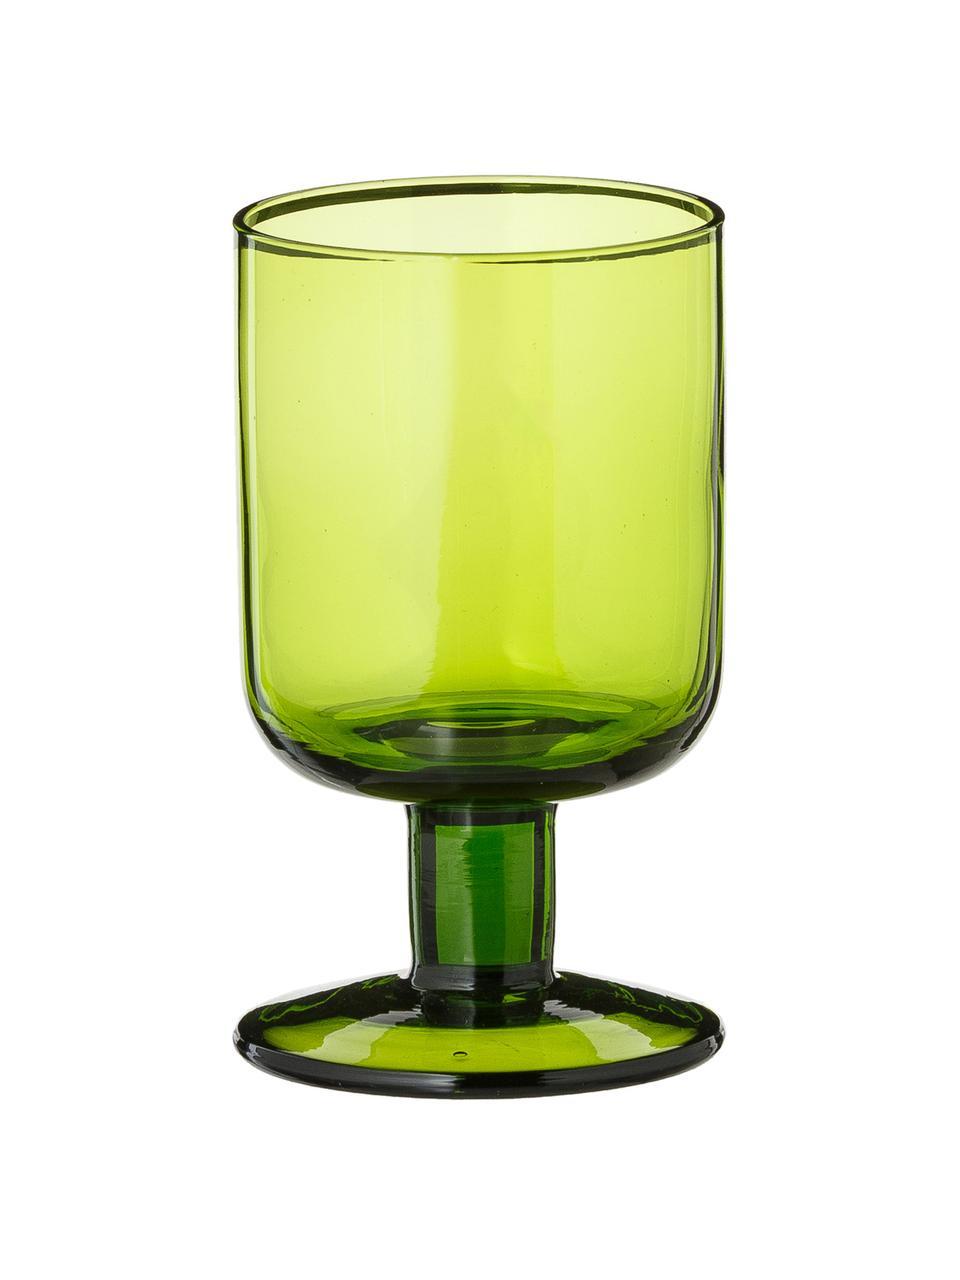 Mundgeblasene Weingläser Bloom in Grün, 6 Stück , Glas, mundgeblasen, Grün, Ø 7 x H 12 cm